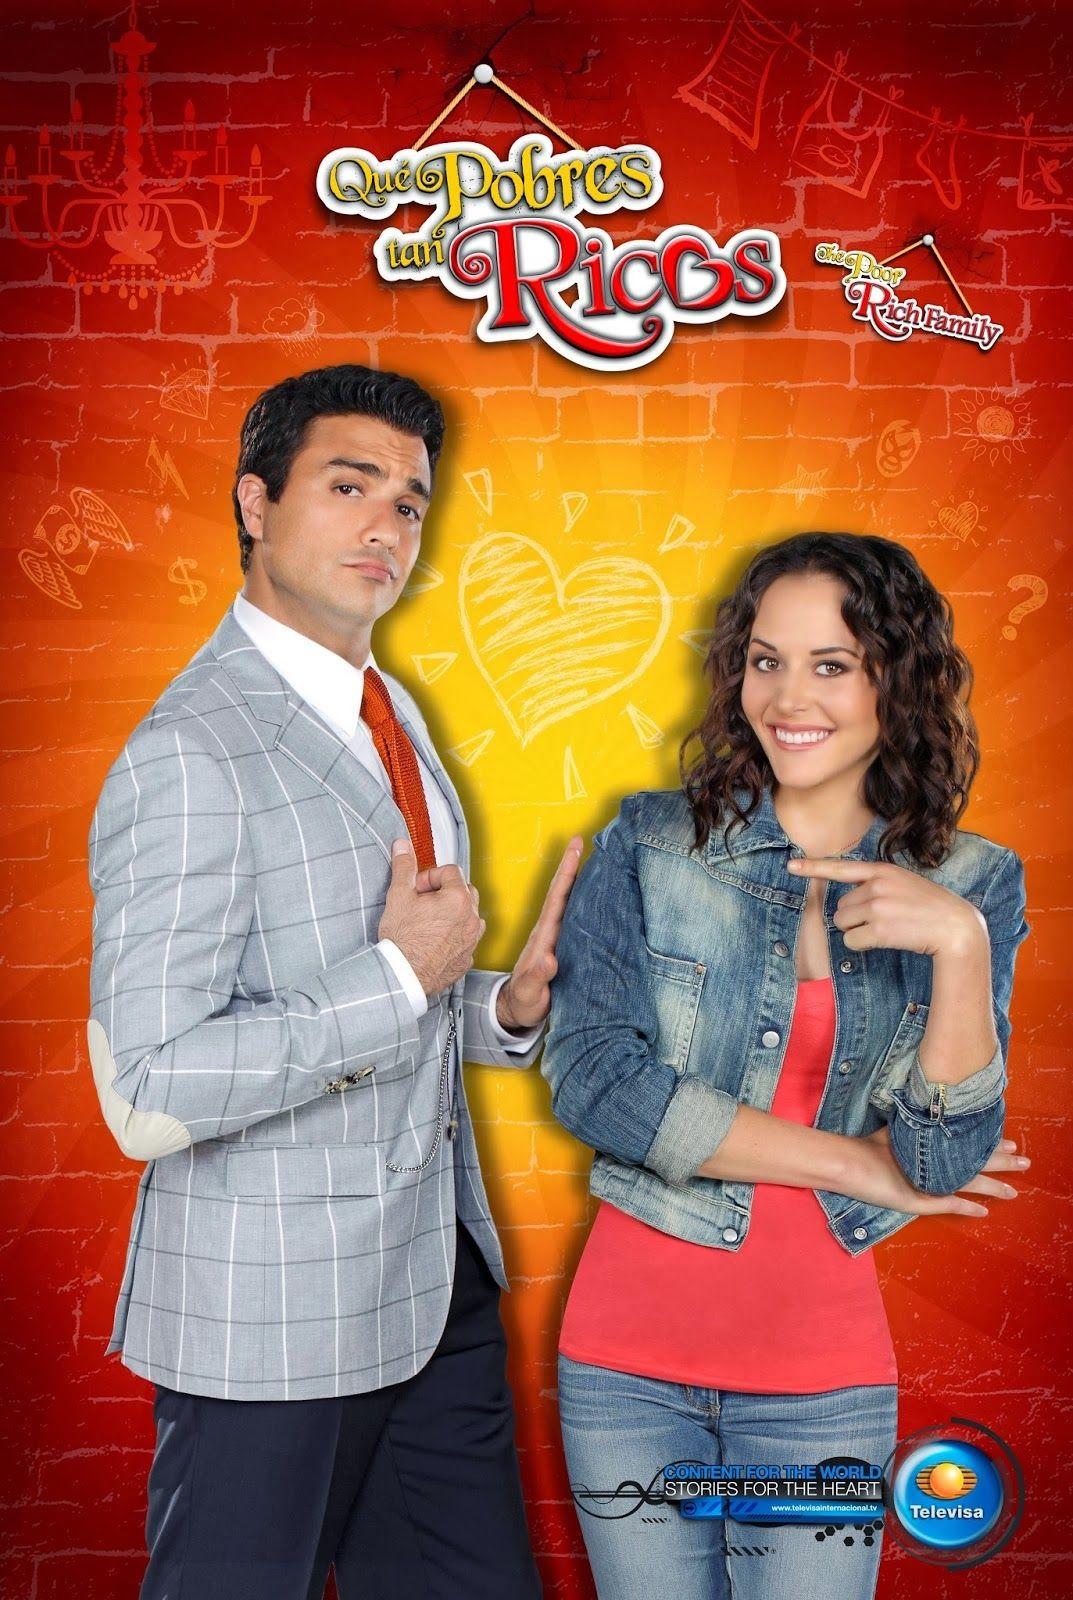 Que Pobres Tan Ricos Comedy Tv Shows Rich Family Telenovelas